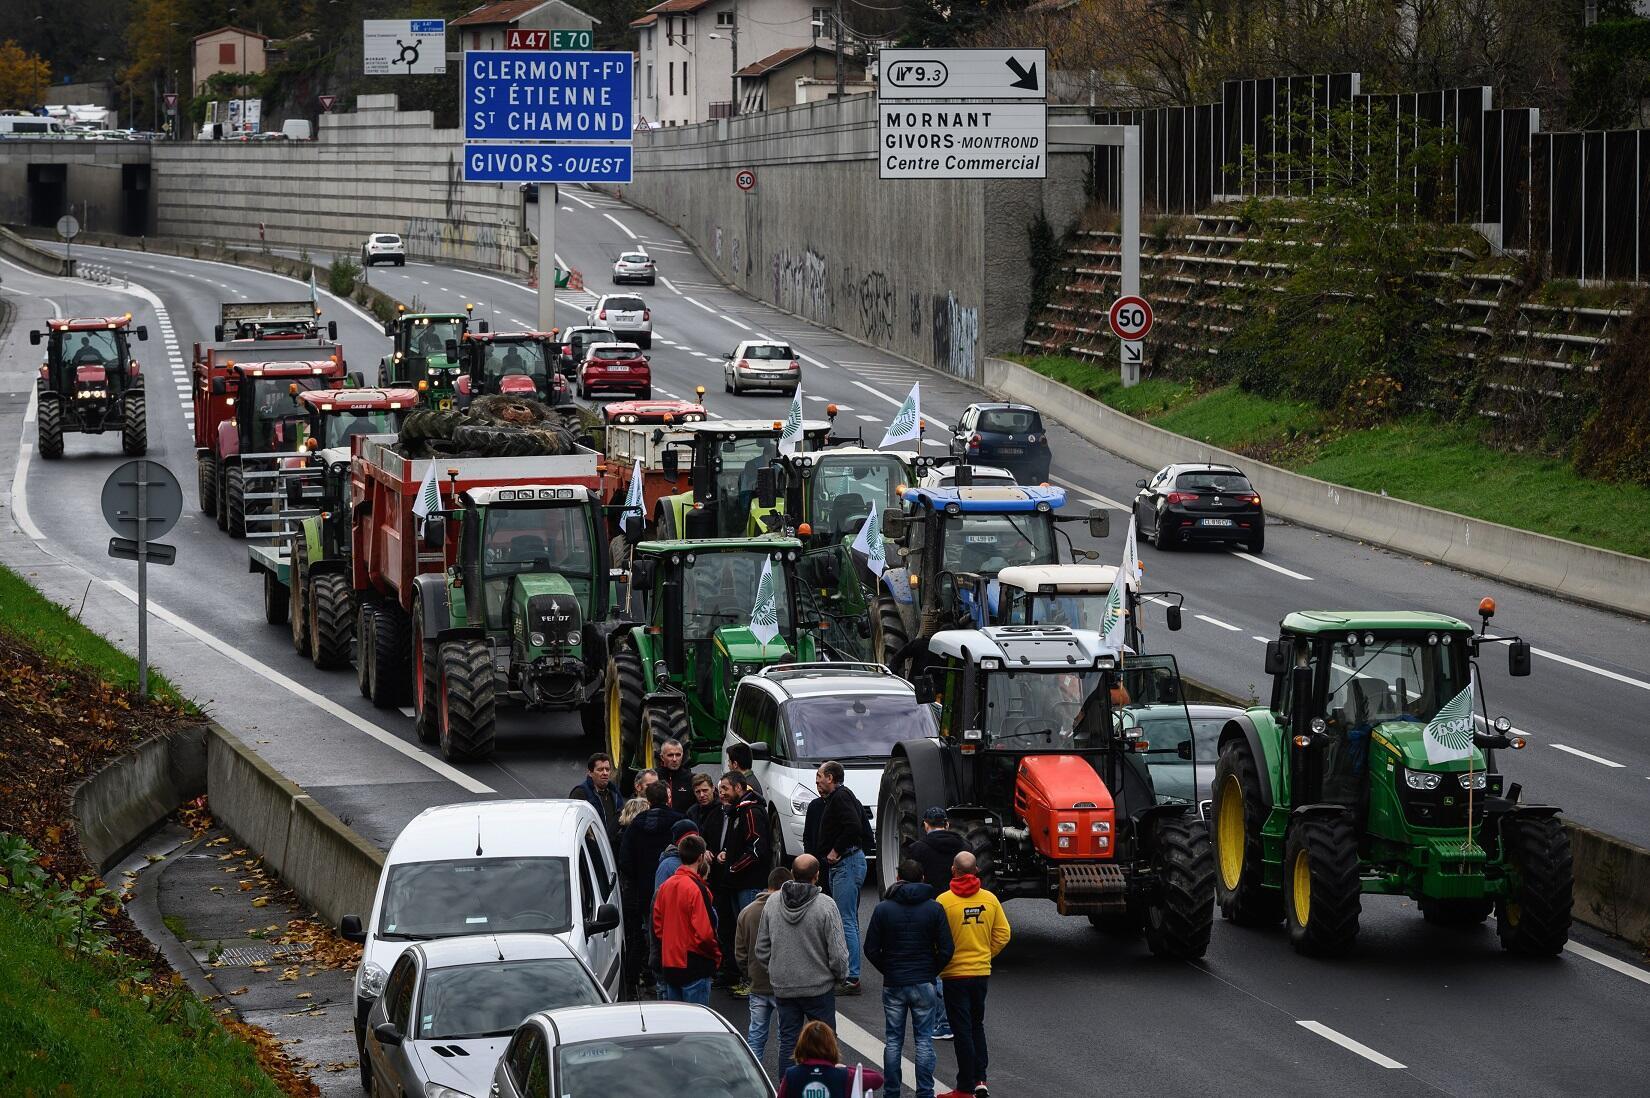 Des agriculteurs bloquant l'autoroute A47, à Givors, au sud de Lyon, le 27 novembre 2019.